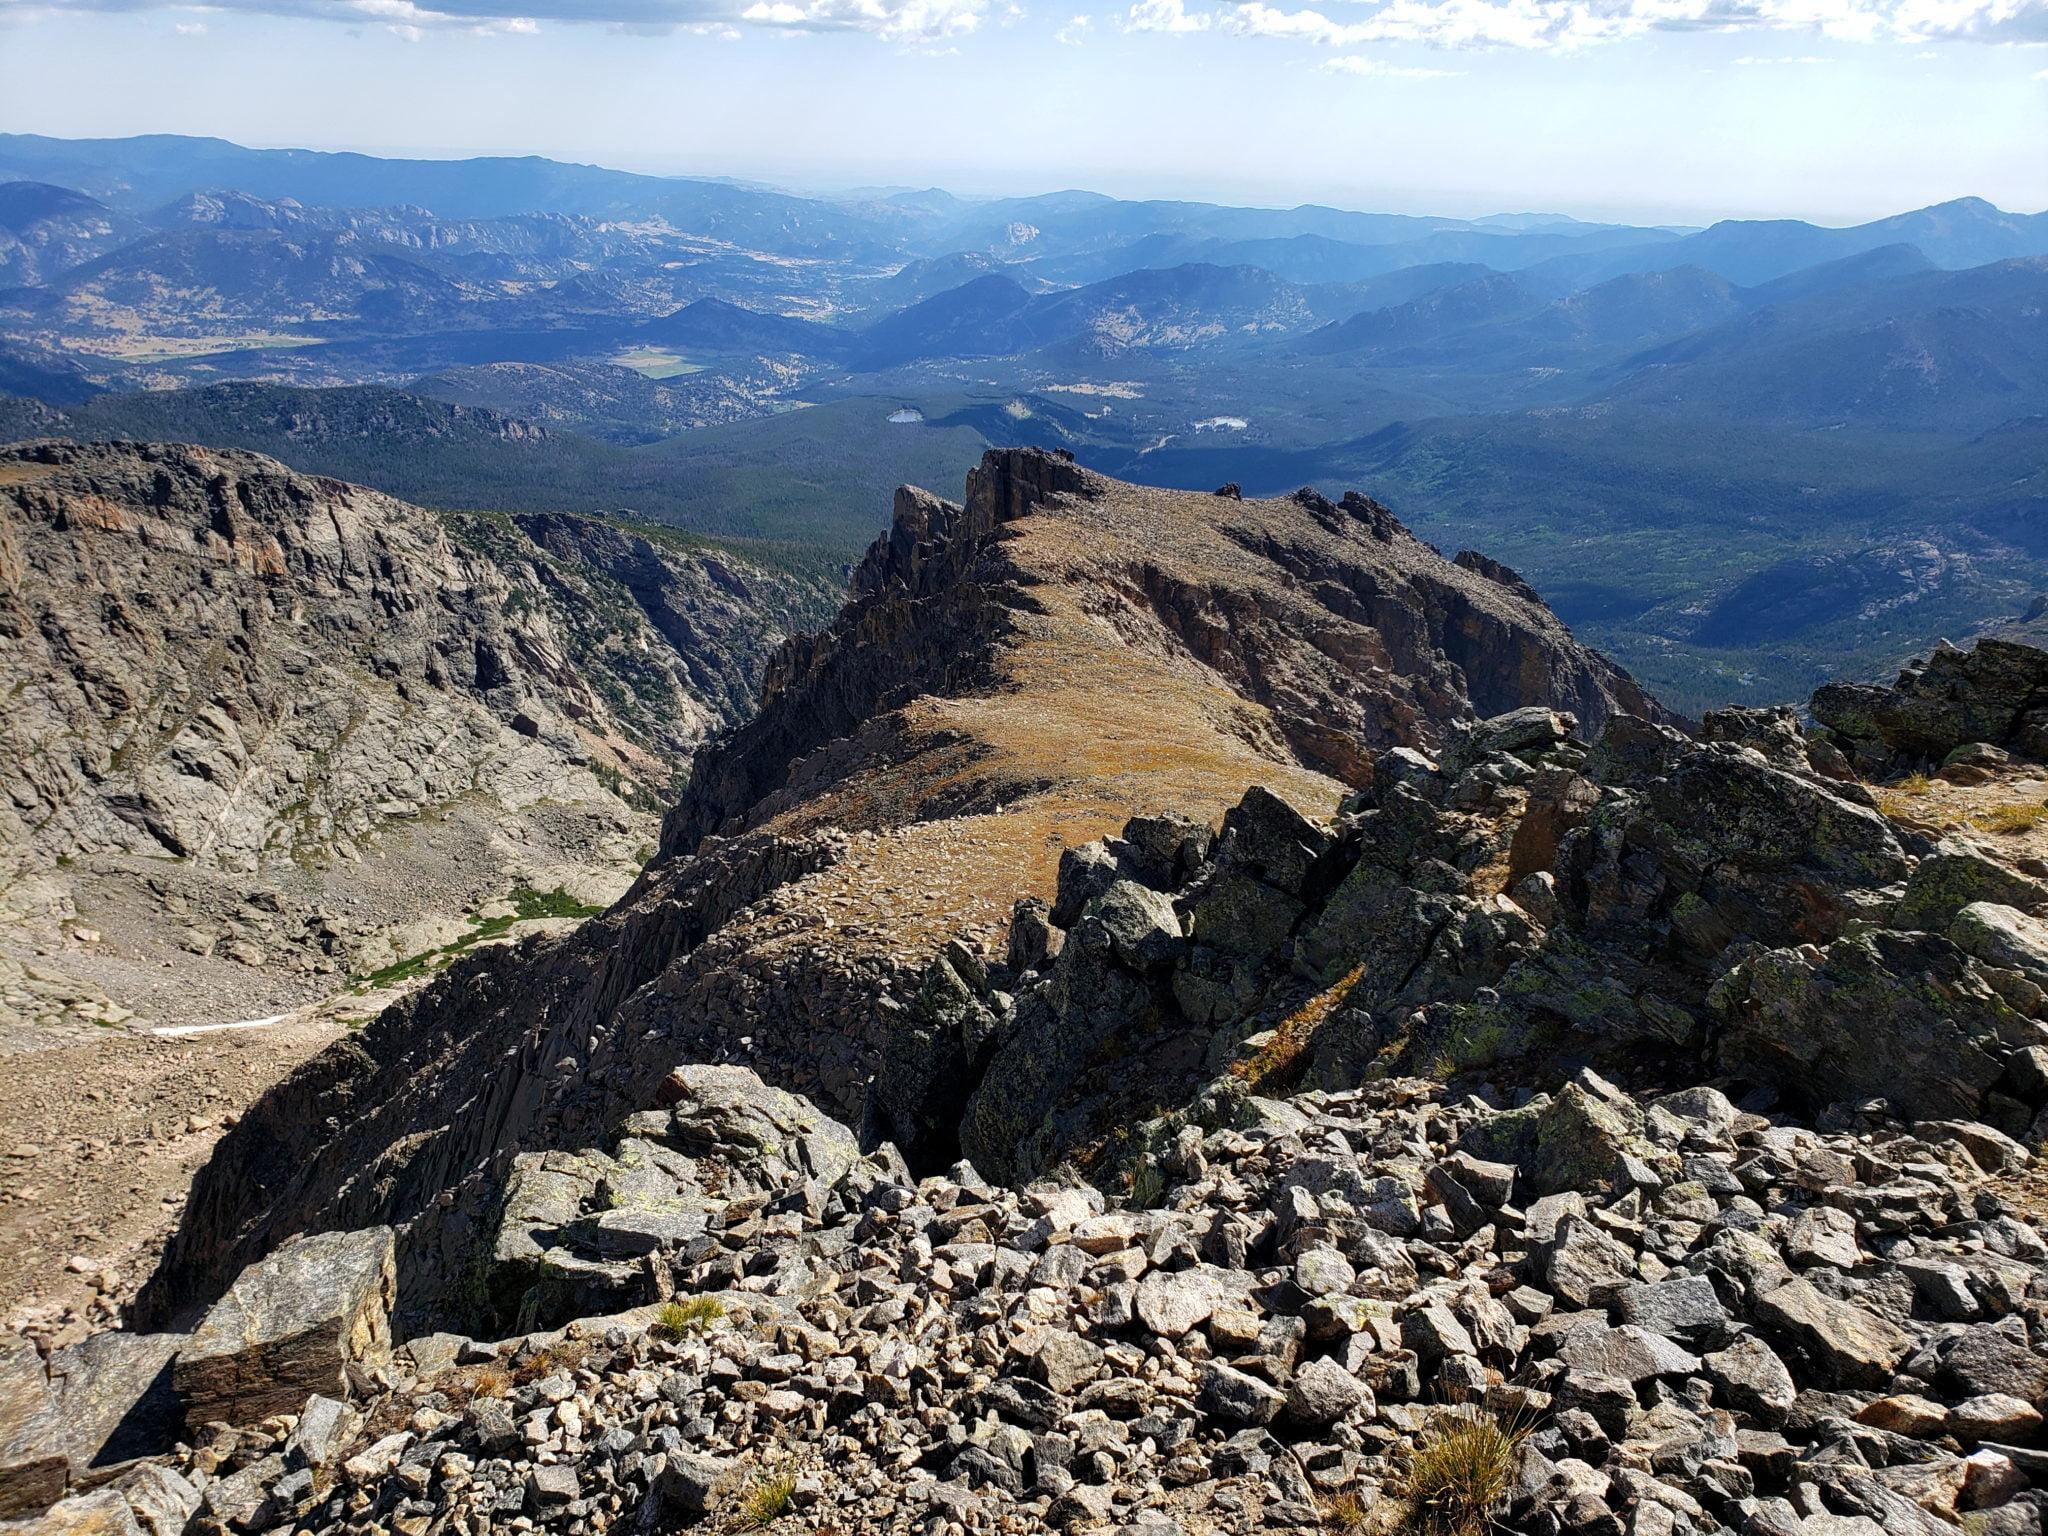 View of the Hallett Peak ridge from the summit